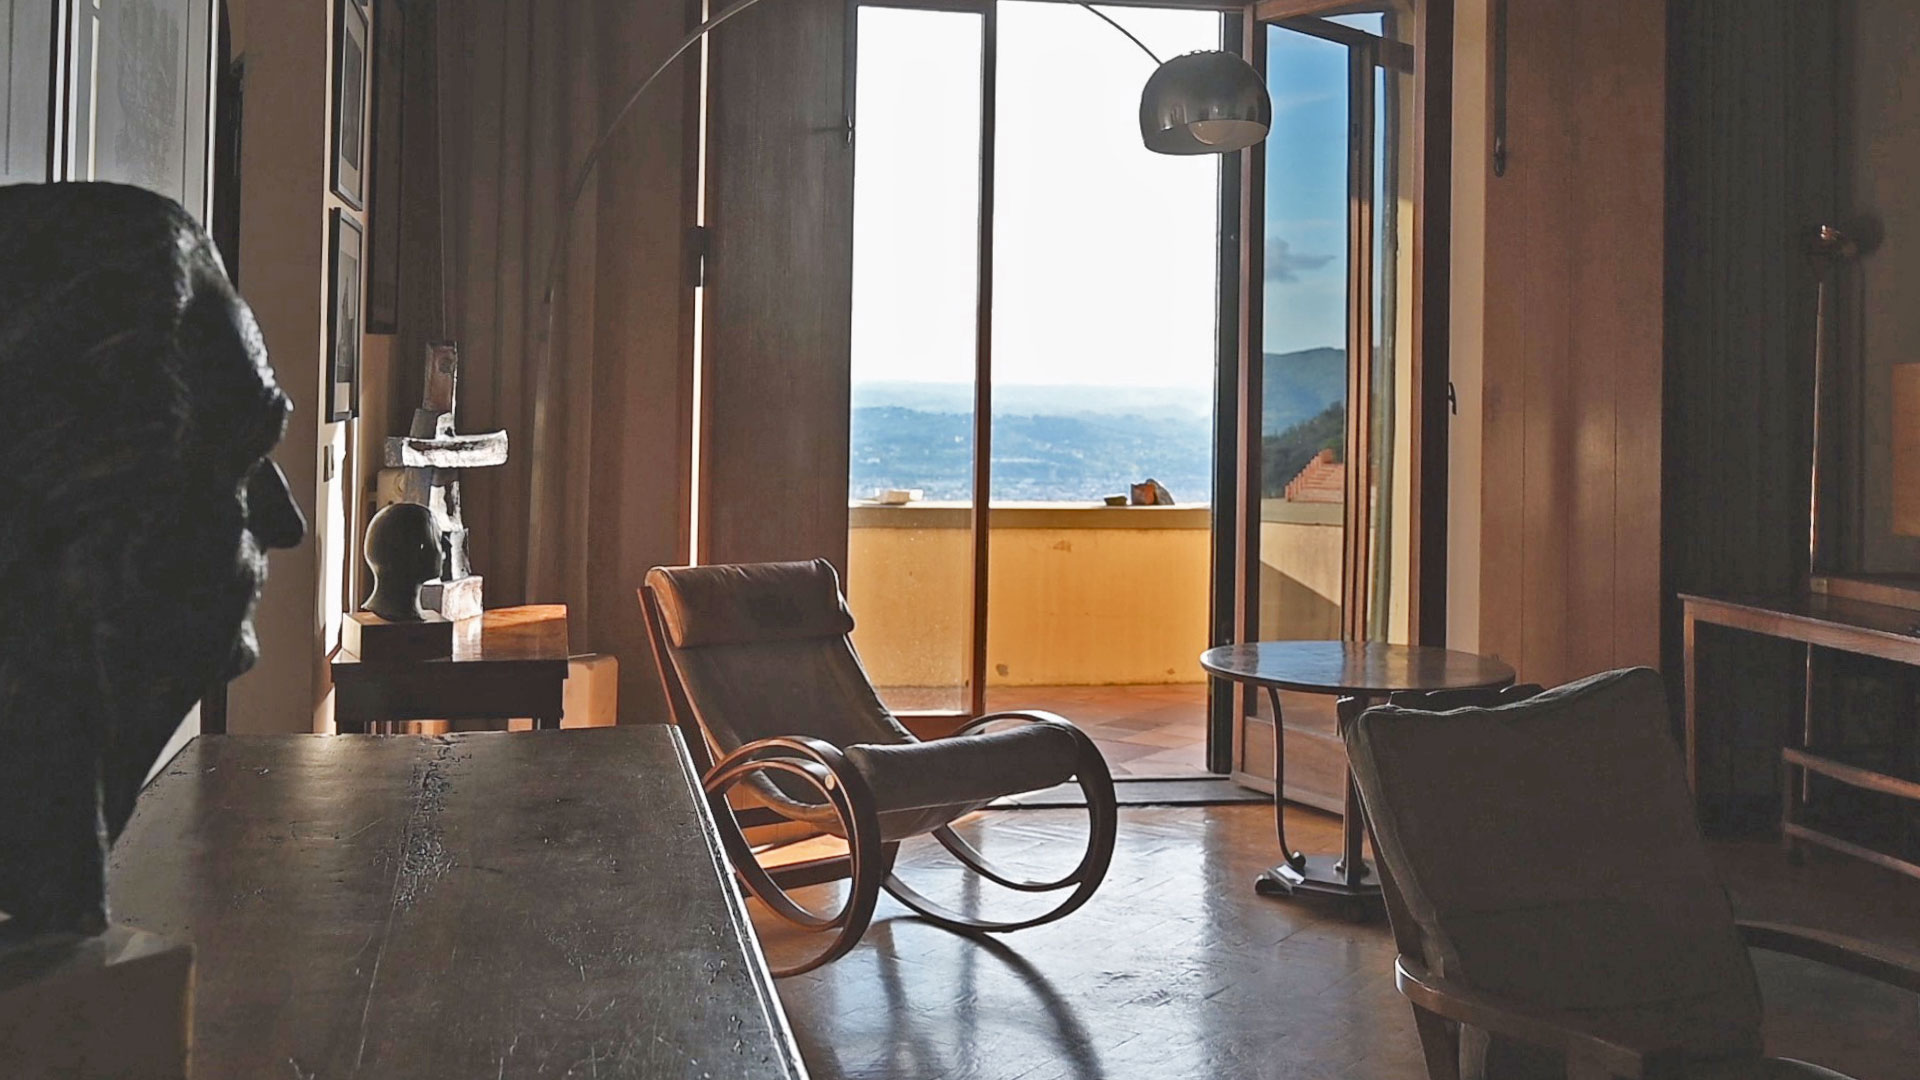 Fondazione Michelucci, visite guidate alla villa-studio a trent'anni dalla morte del grande architetto